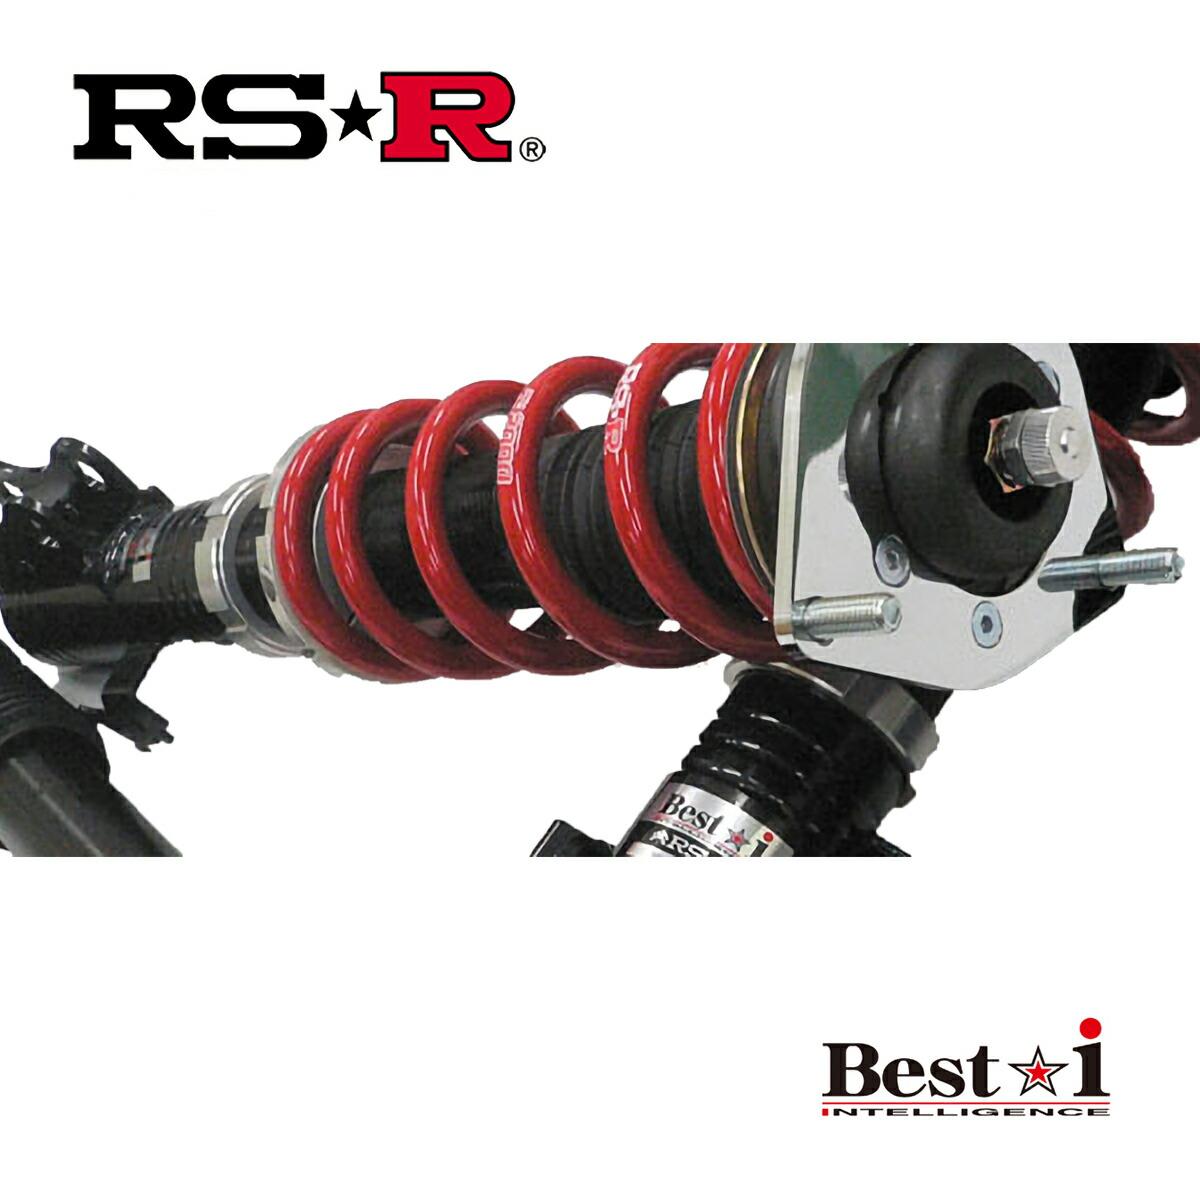 RS-R ヴェルファイア GGH25W 車高調 推奨仕様商品コード:BIT858M ソフト仕様商品コード:BIT858S ハード仕様商品コード:BIT858H RSR 個人宅発送追金有